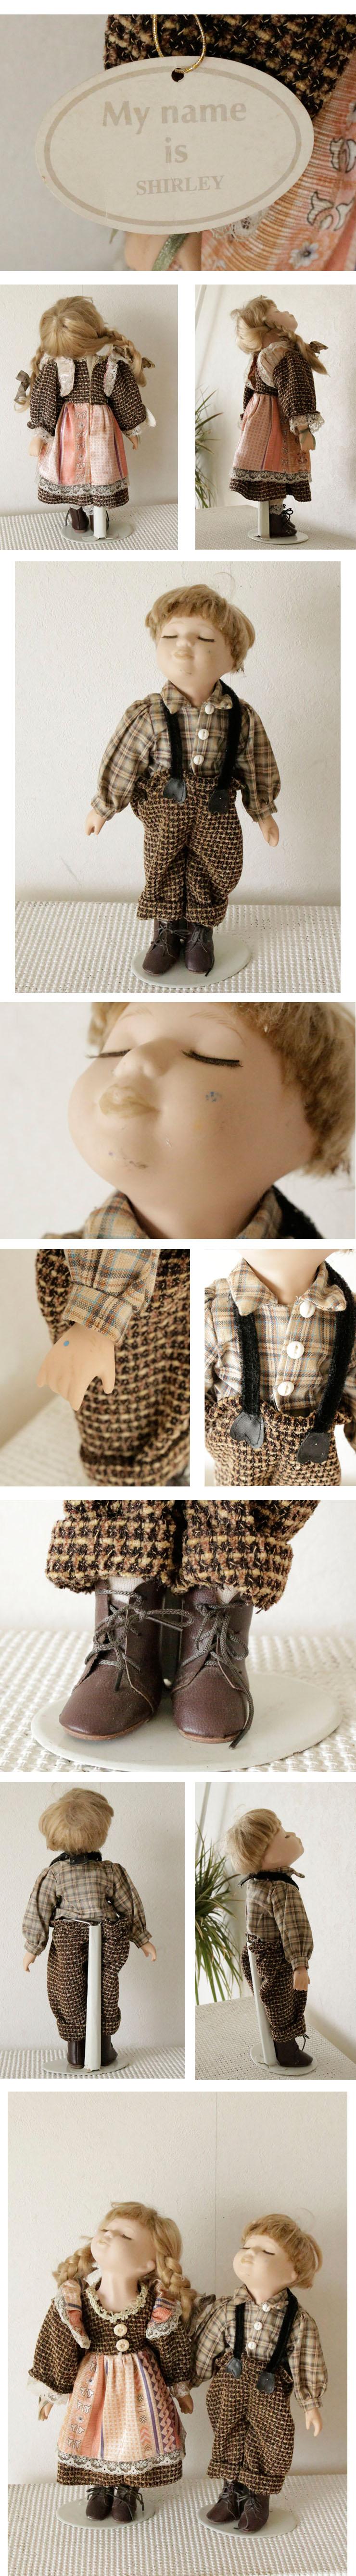 イギリス製・雑貨・ドール・人形・アンティーク・ビンテージ